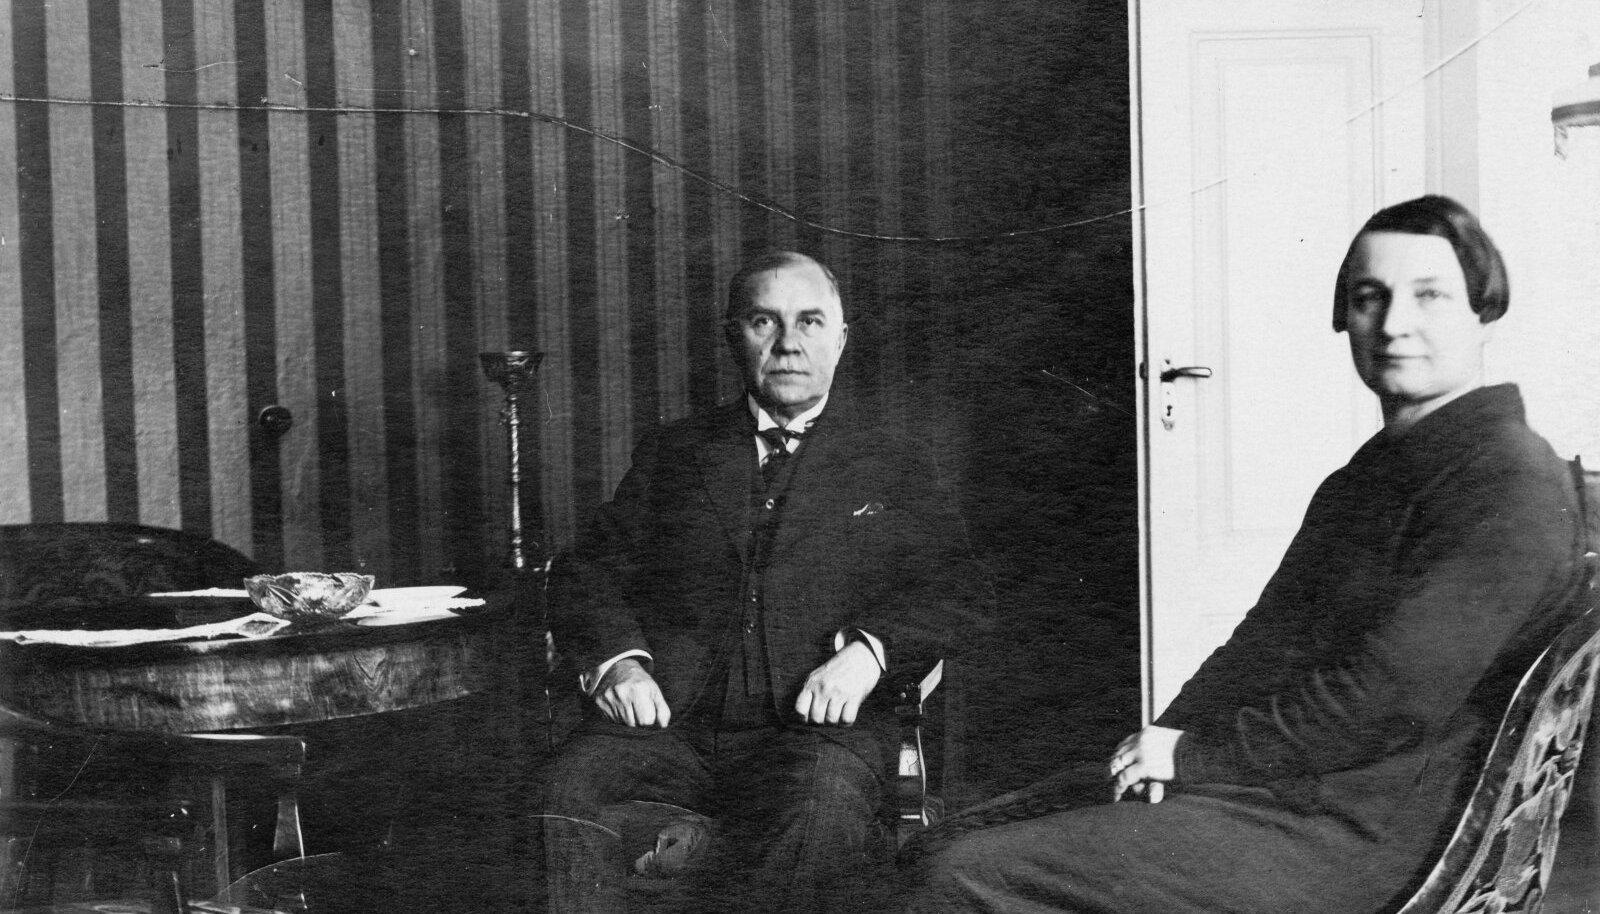 Eduard Vilde ja Linda Jürmanni kooselu vormistati 24. oktoobril 1921 ametlikult abieluks. See on üks viimaseid fotosid abikaasadest oma kodus Rohelisel Aasal.